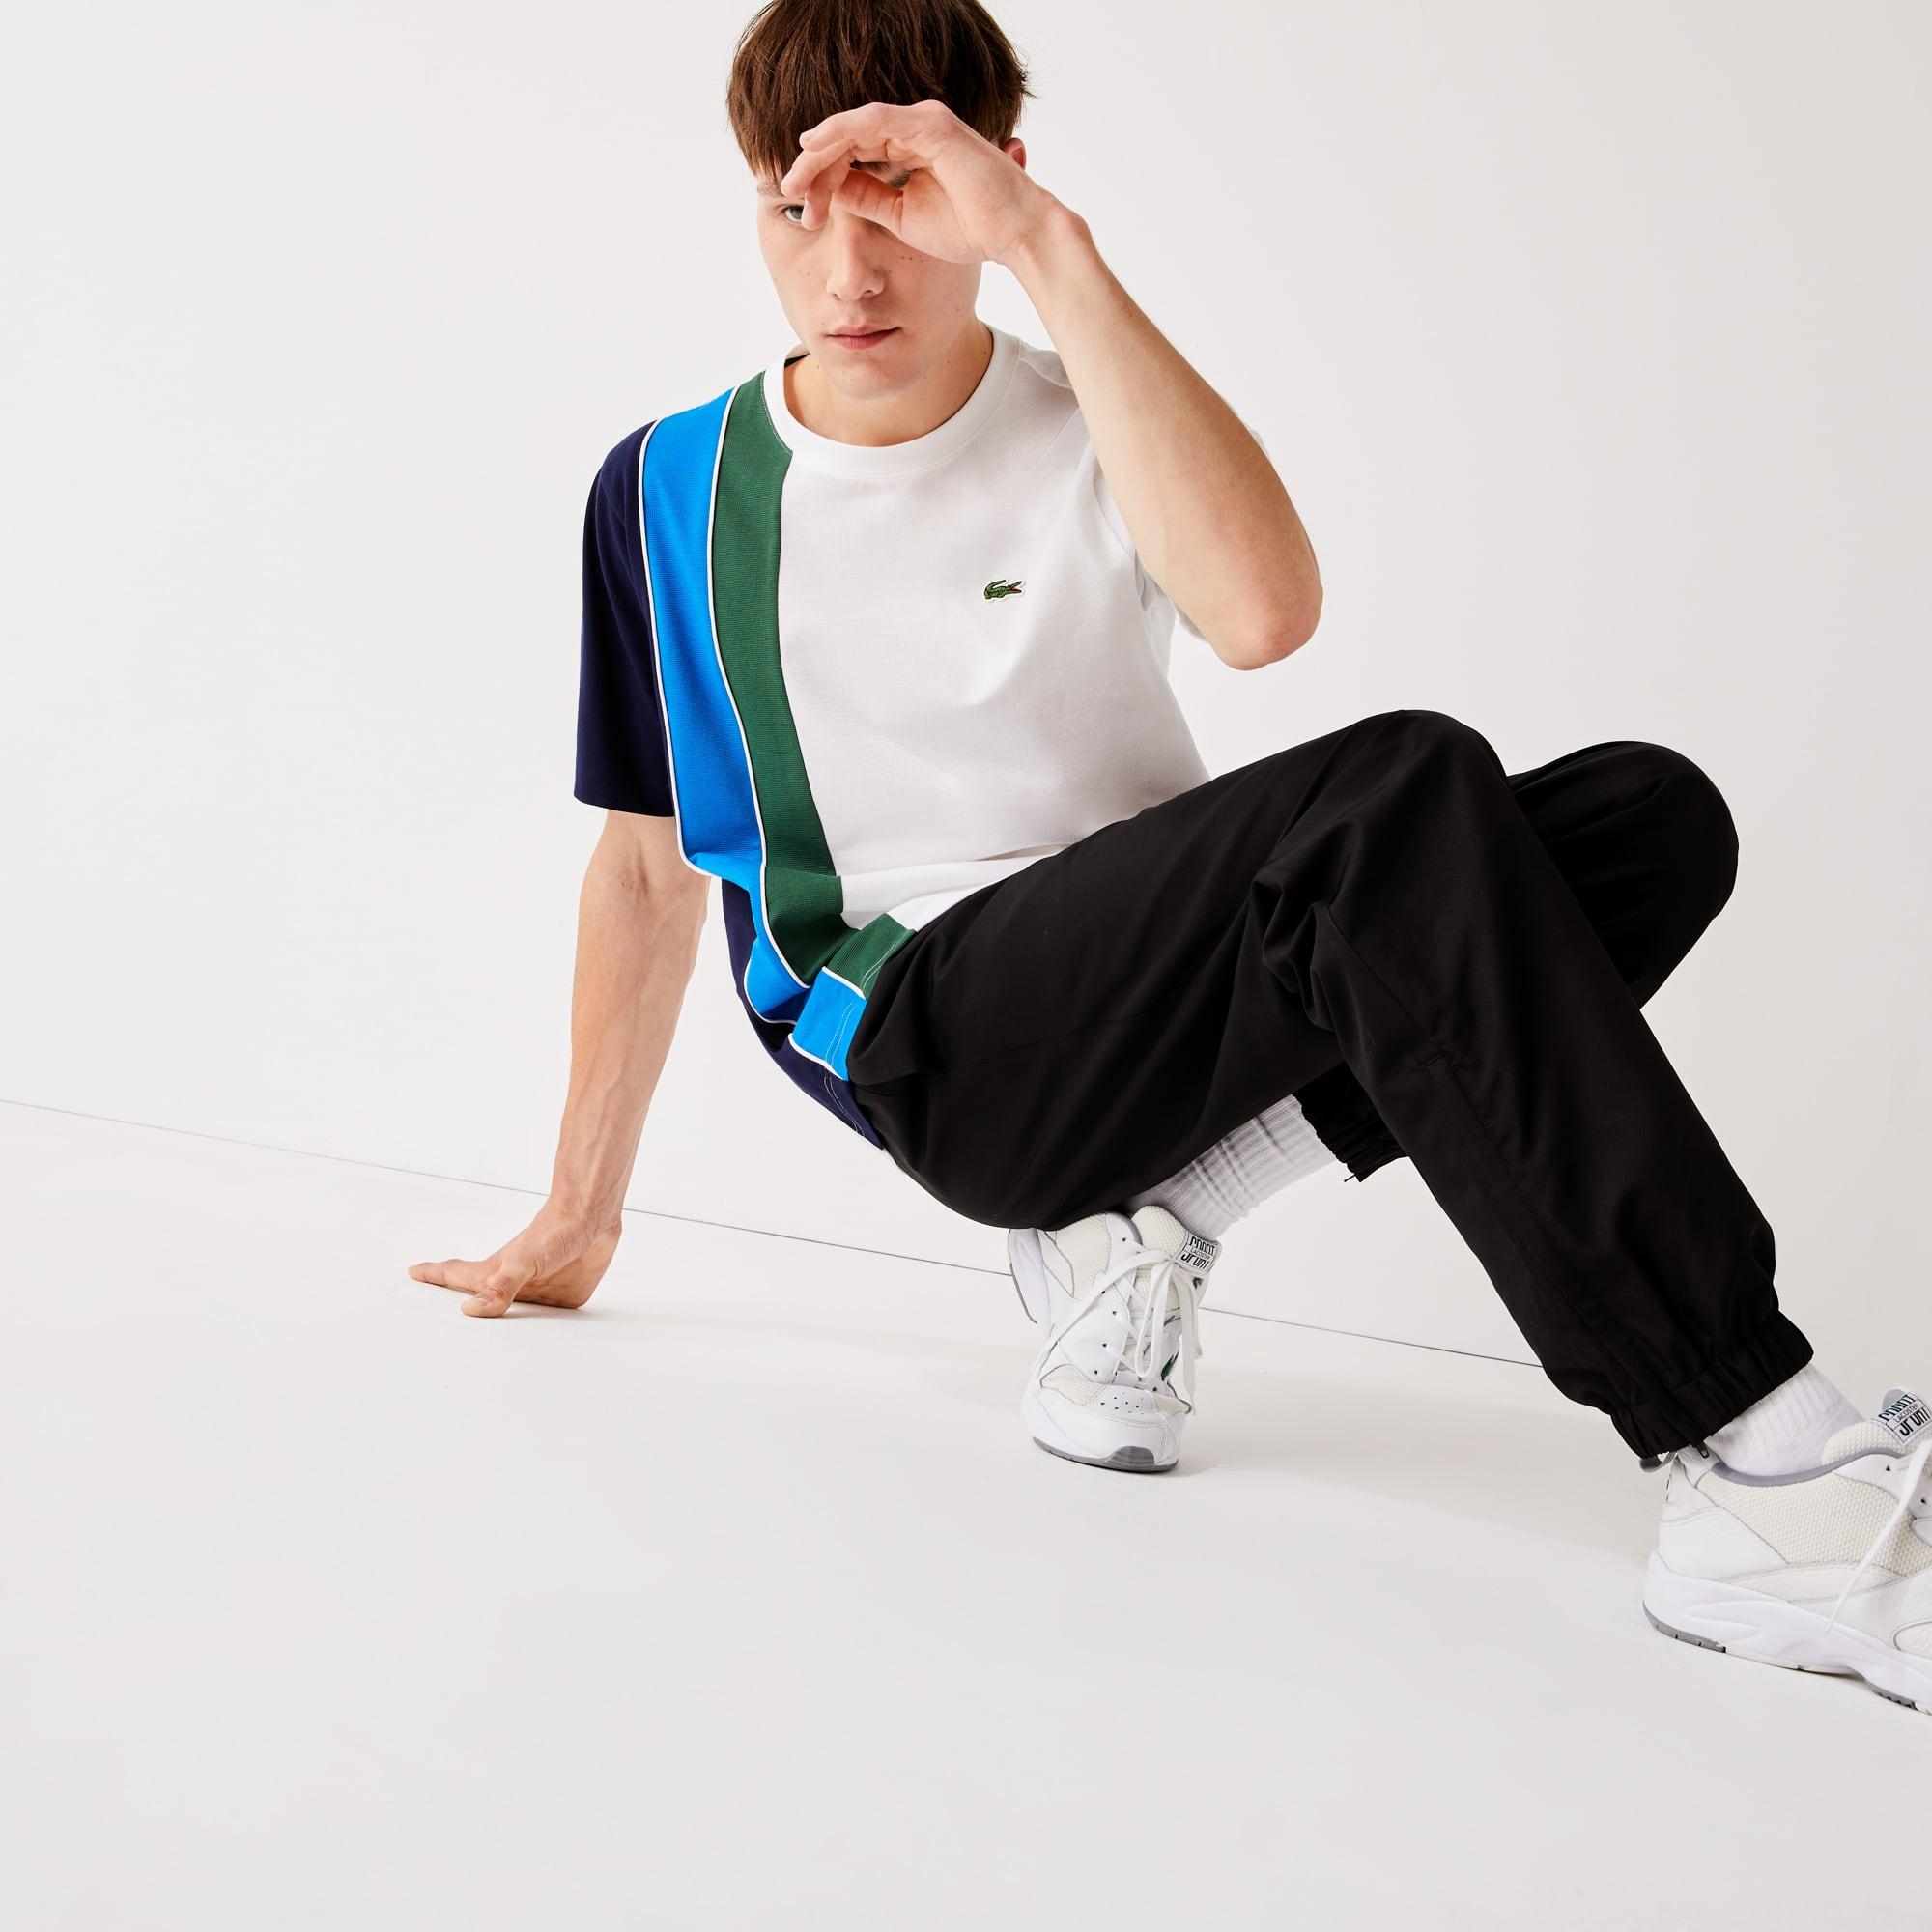 6a81fad5f7 Pantalon de suvêtement Tennis Lacoste SPORT uni. 90,00 €. + 4 couleurs